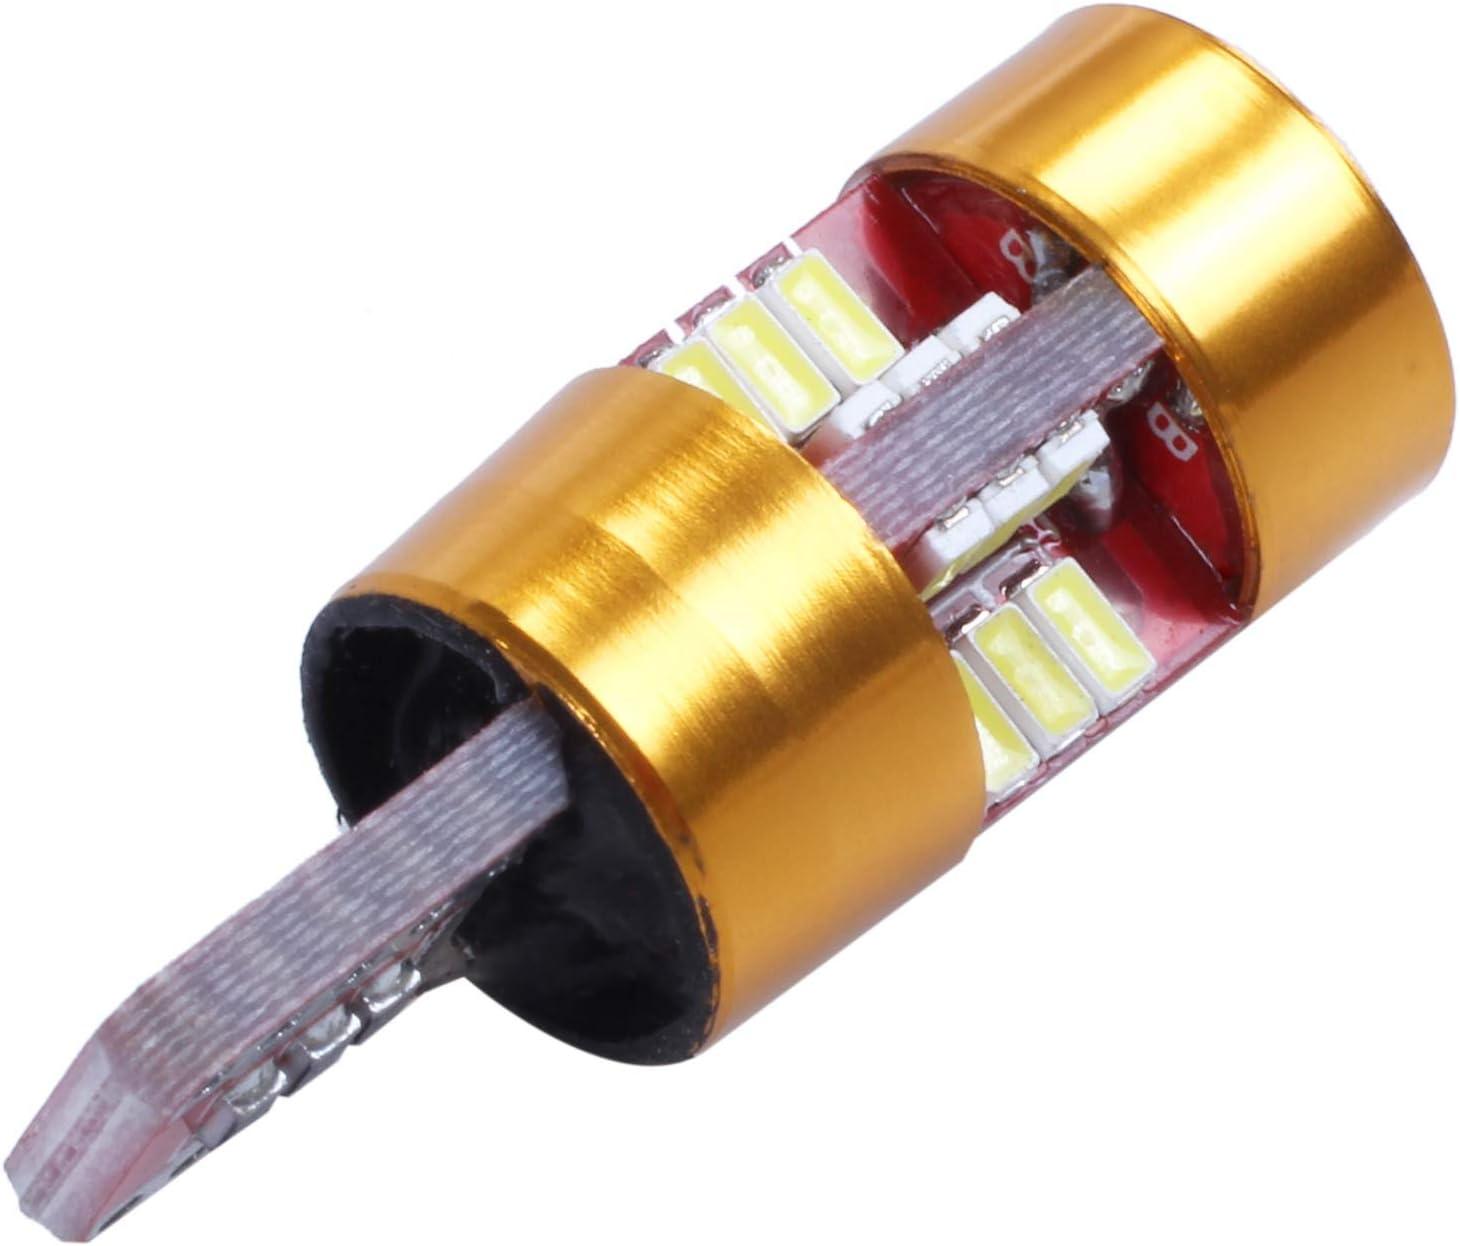 2 Pz T10 27Smd 3014 TOOGOO LED Lampadine per Auto Canbus T10 27Smd 3014 12V 10W 1000Lm Canbus E Dissipatore di Calore Incorporati per Illuminazione Interna Dome Ligh